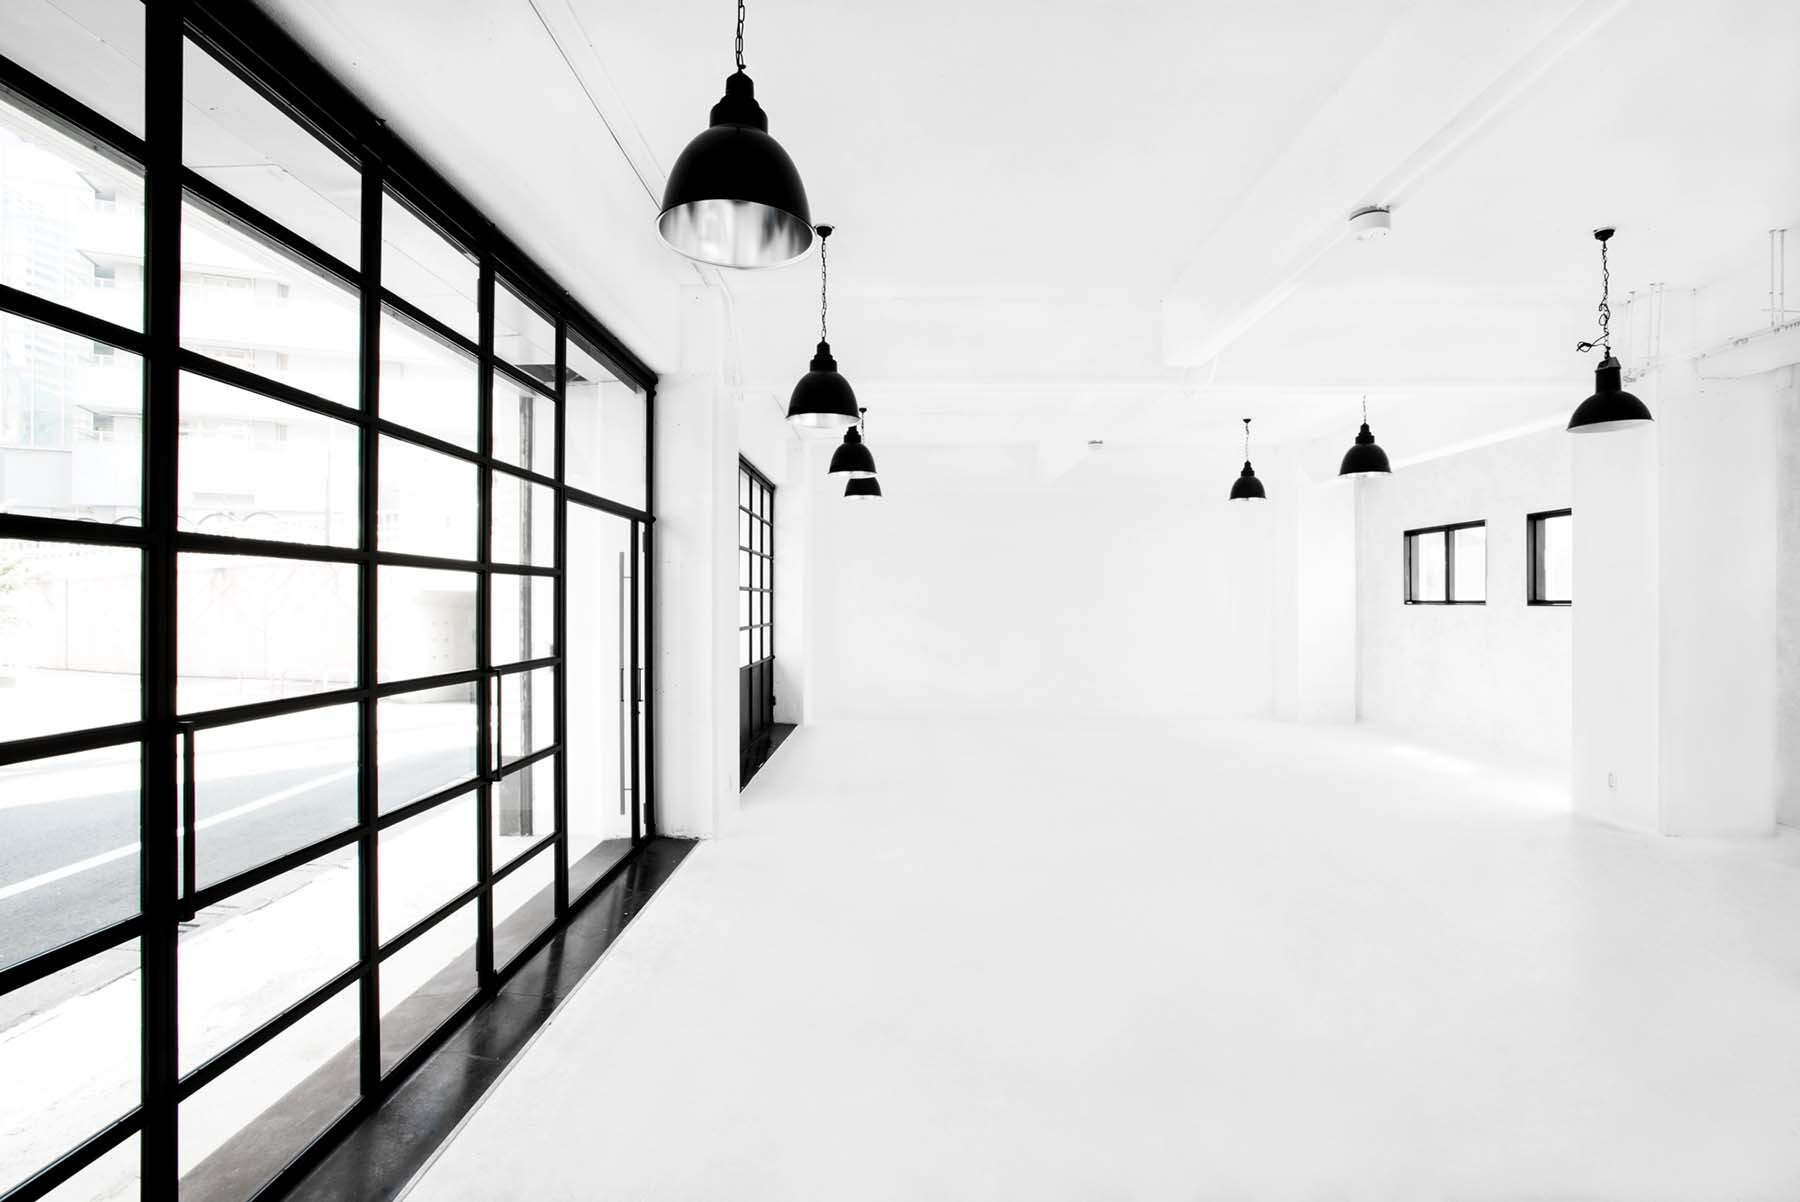 StudioBRICK 1F (スタジオブリック八丁堀1F)両サイドからの安定した光